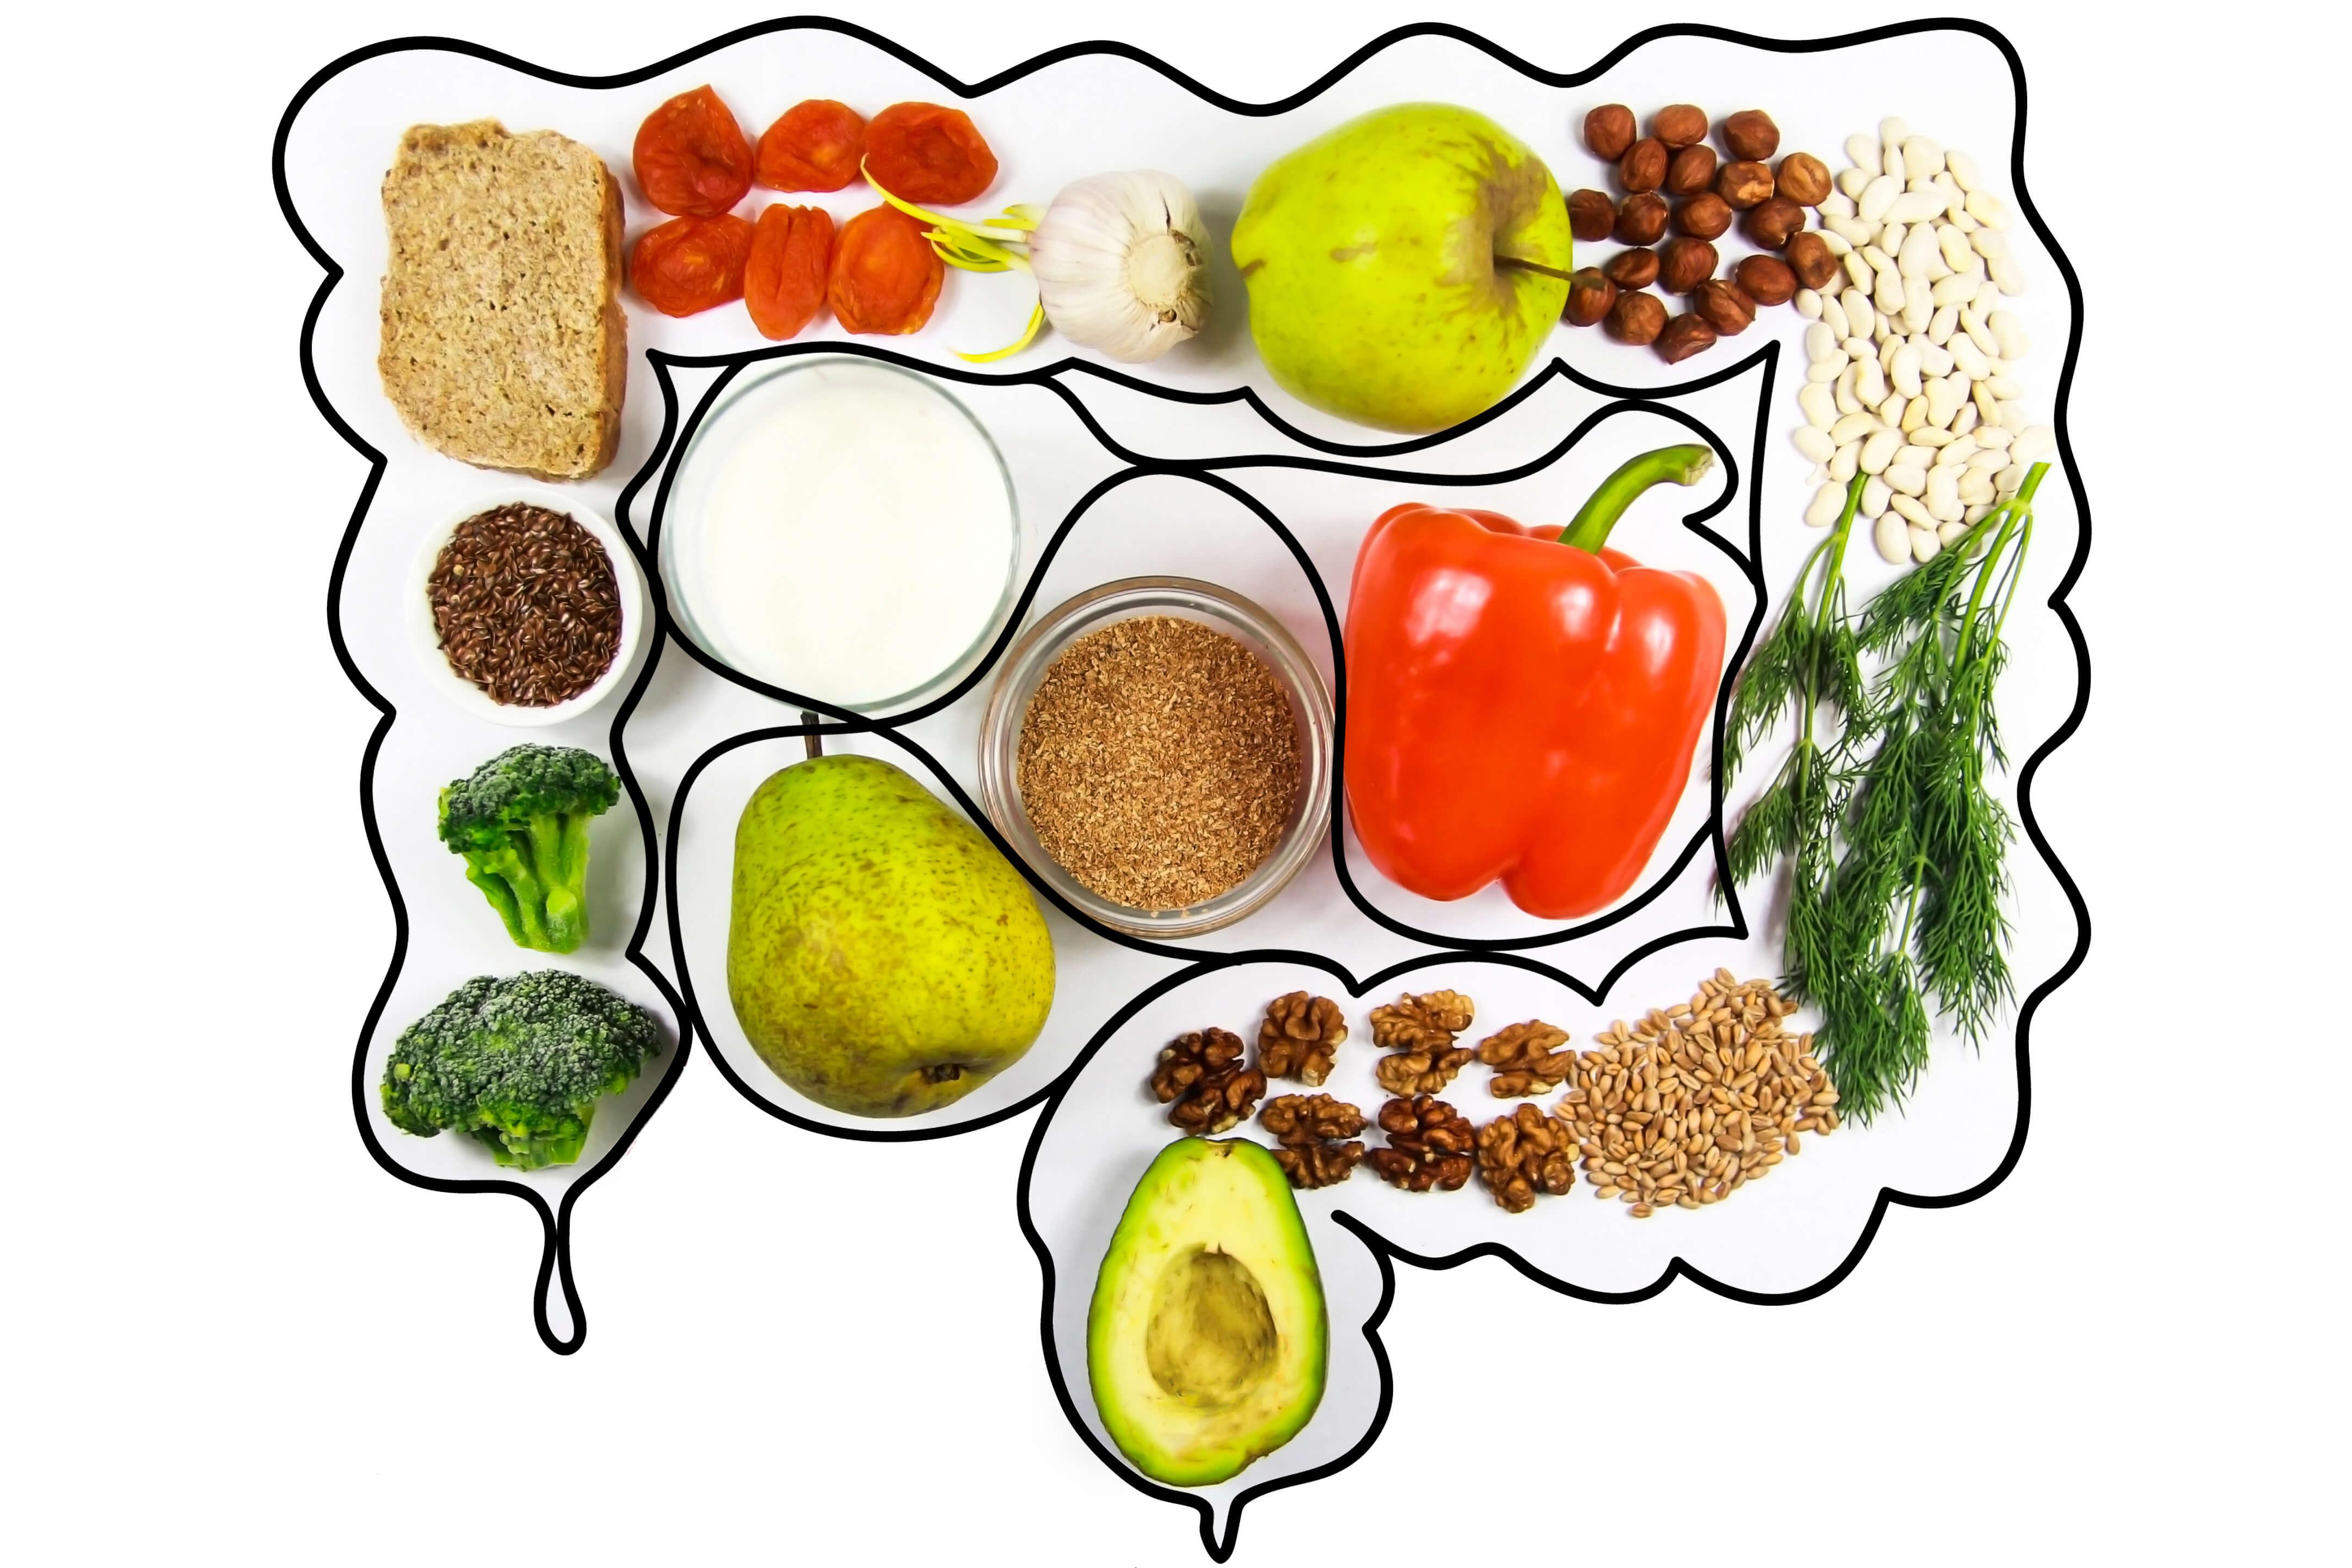 Как улучшить пищеварение после праздников?